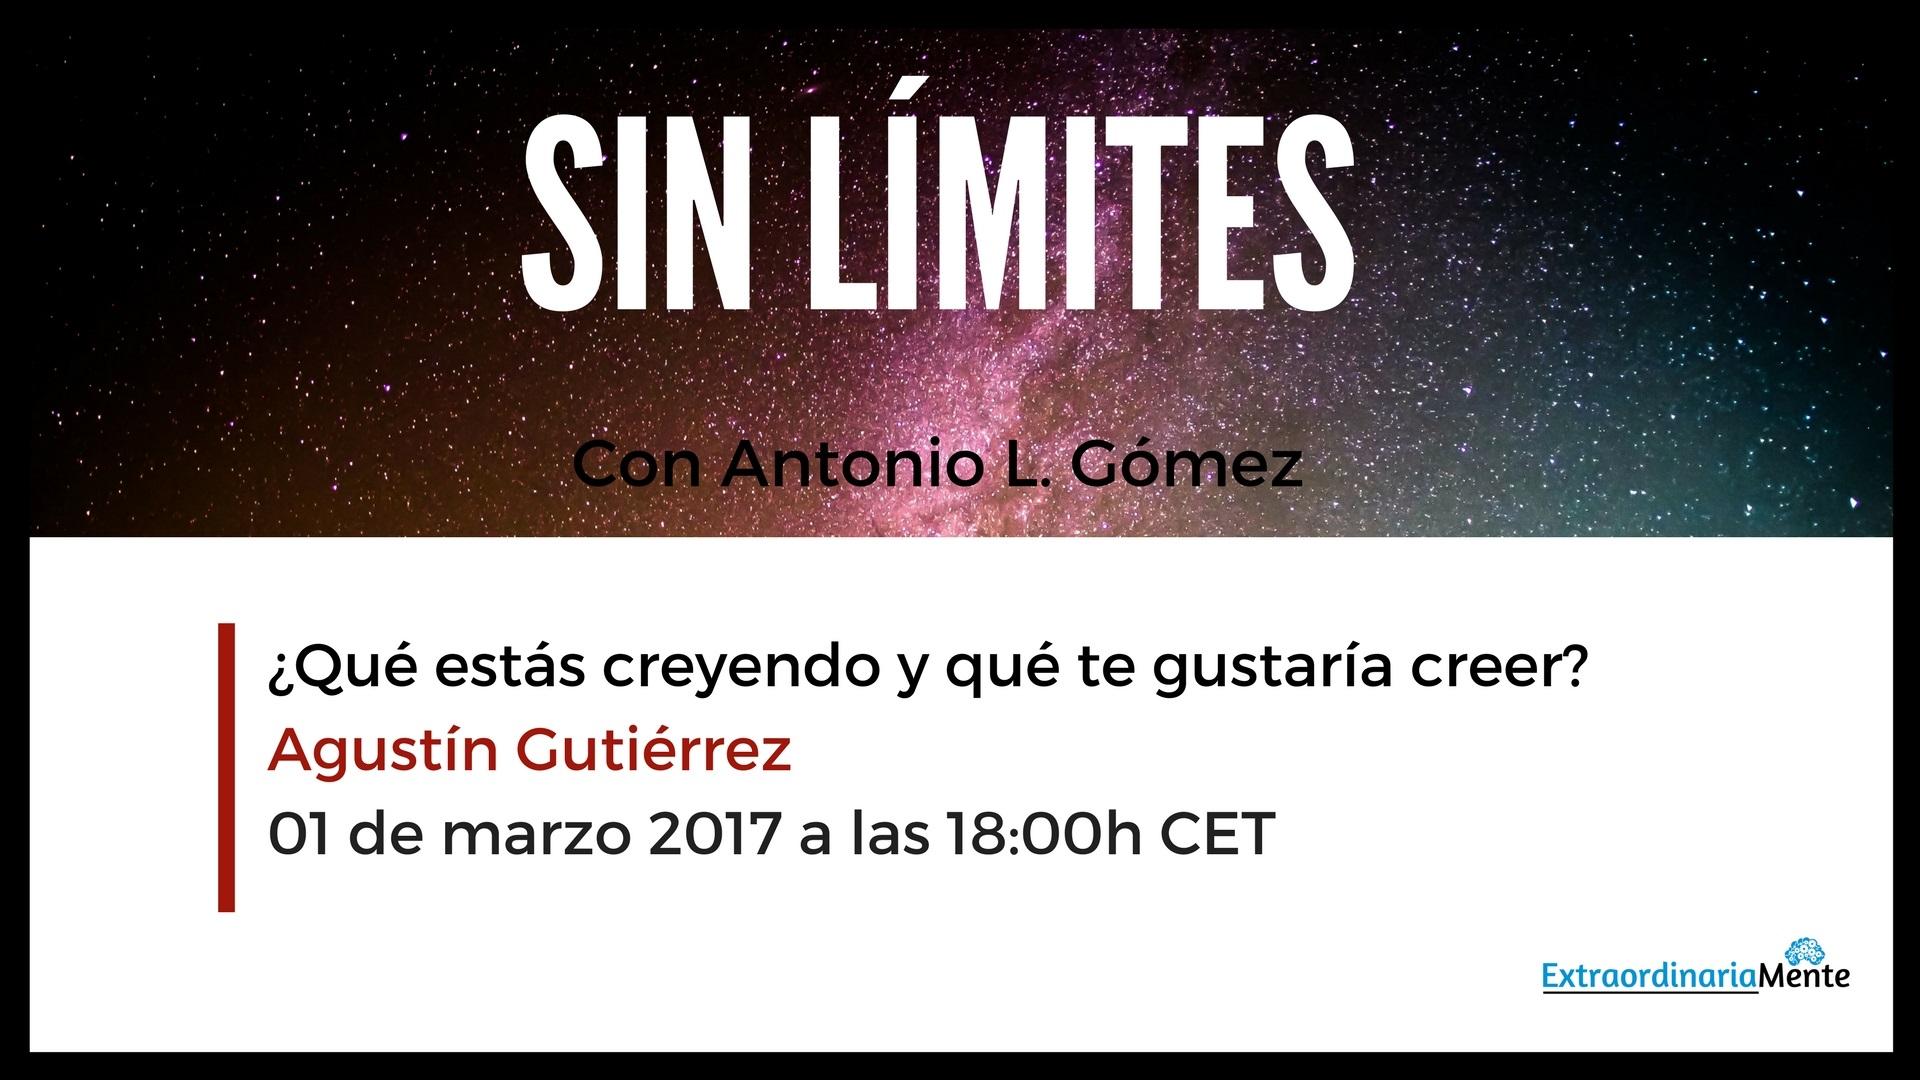 SIN LÍMITES Agustín Gutíerrez.jpg